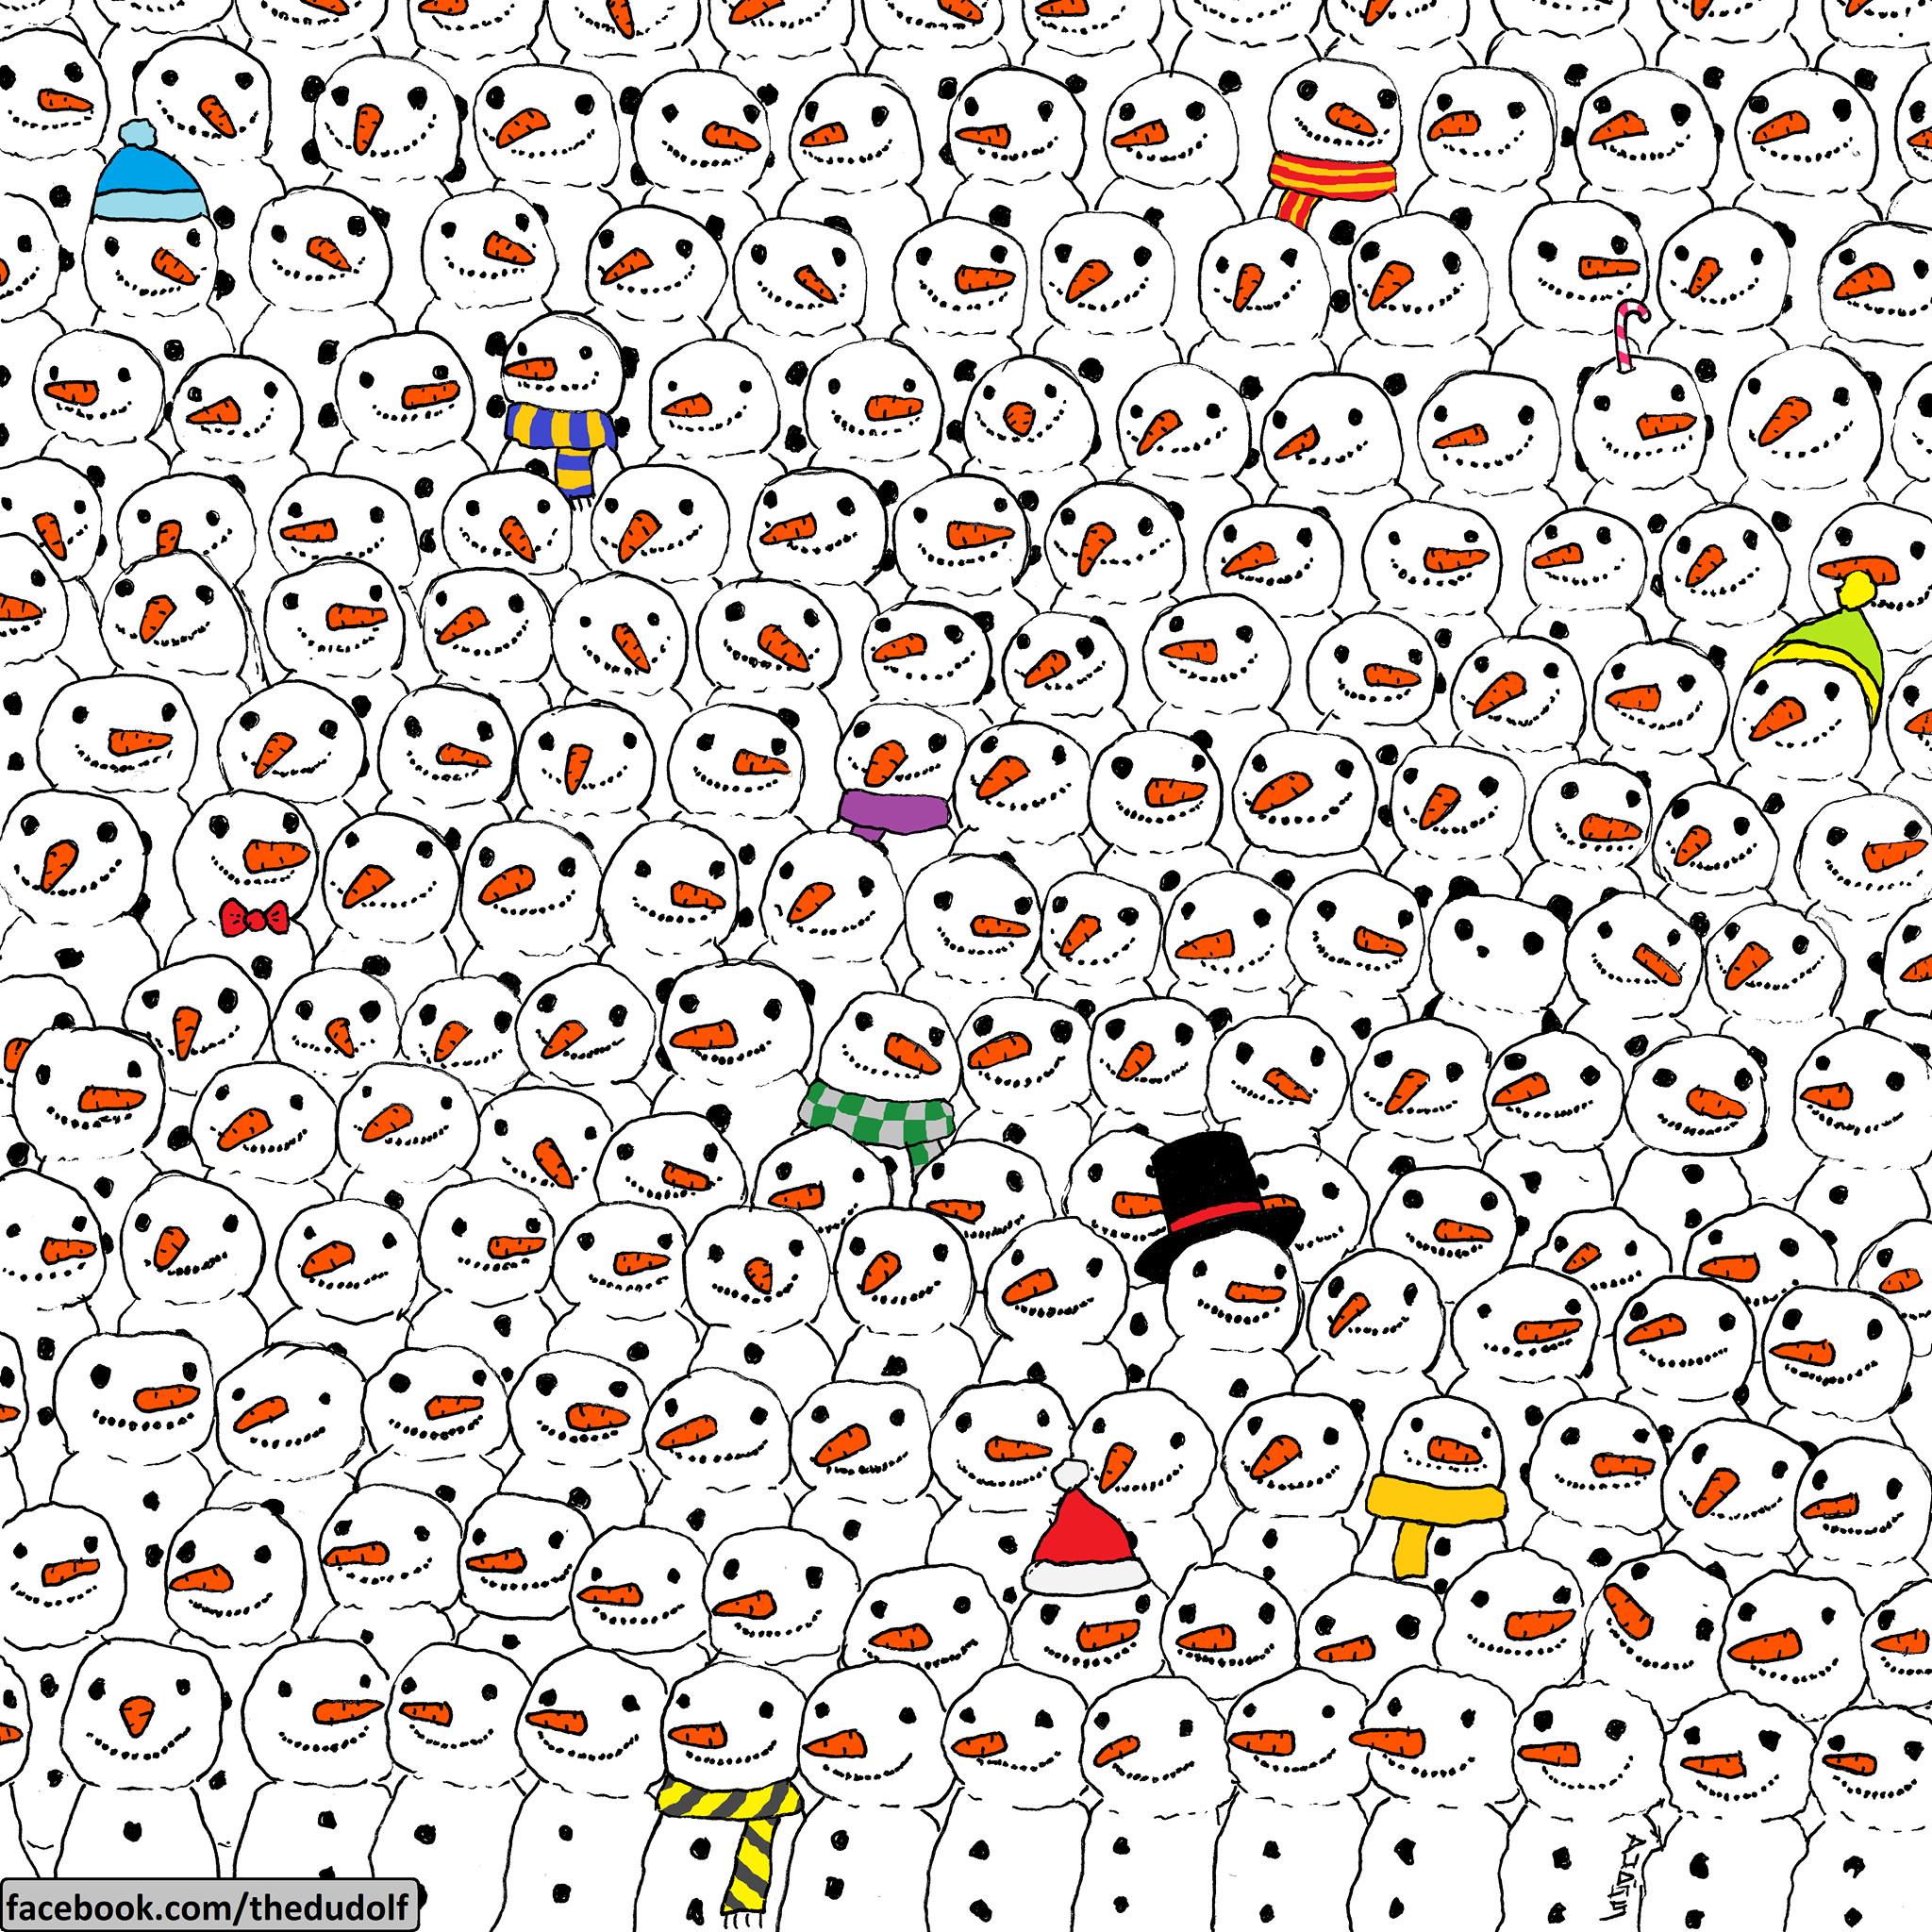 imagen de un panda oculto entre muñecos de nieve